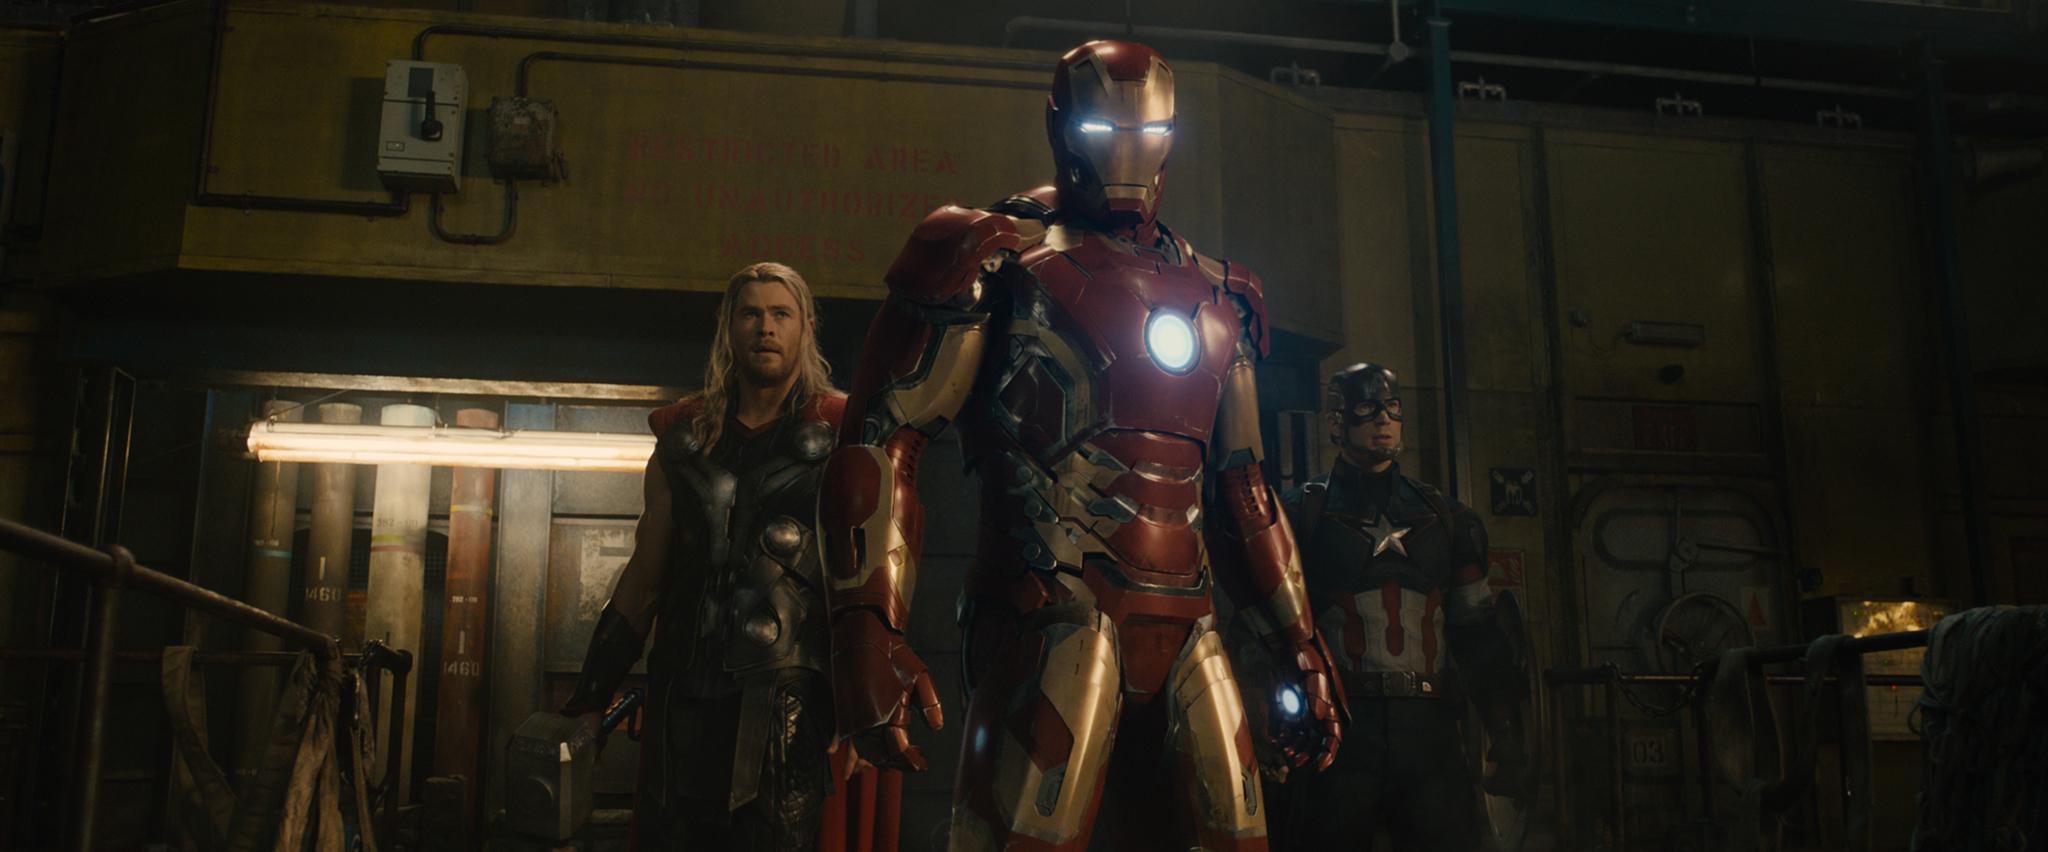 Avengers: Age of Ultron (2015) - Photo Gallery - IMDb